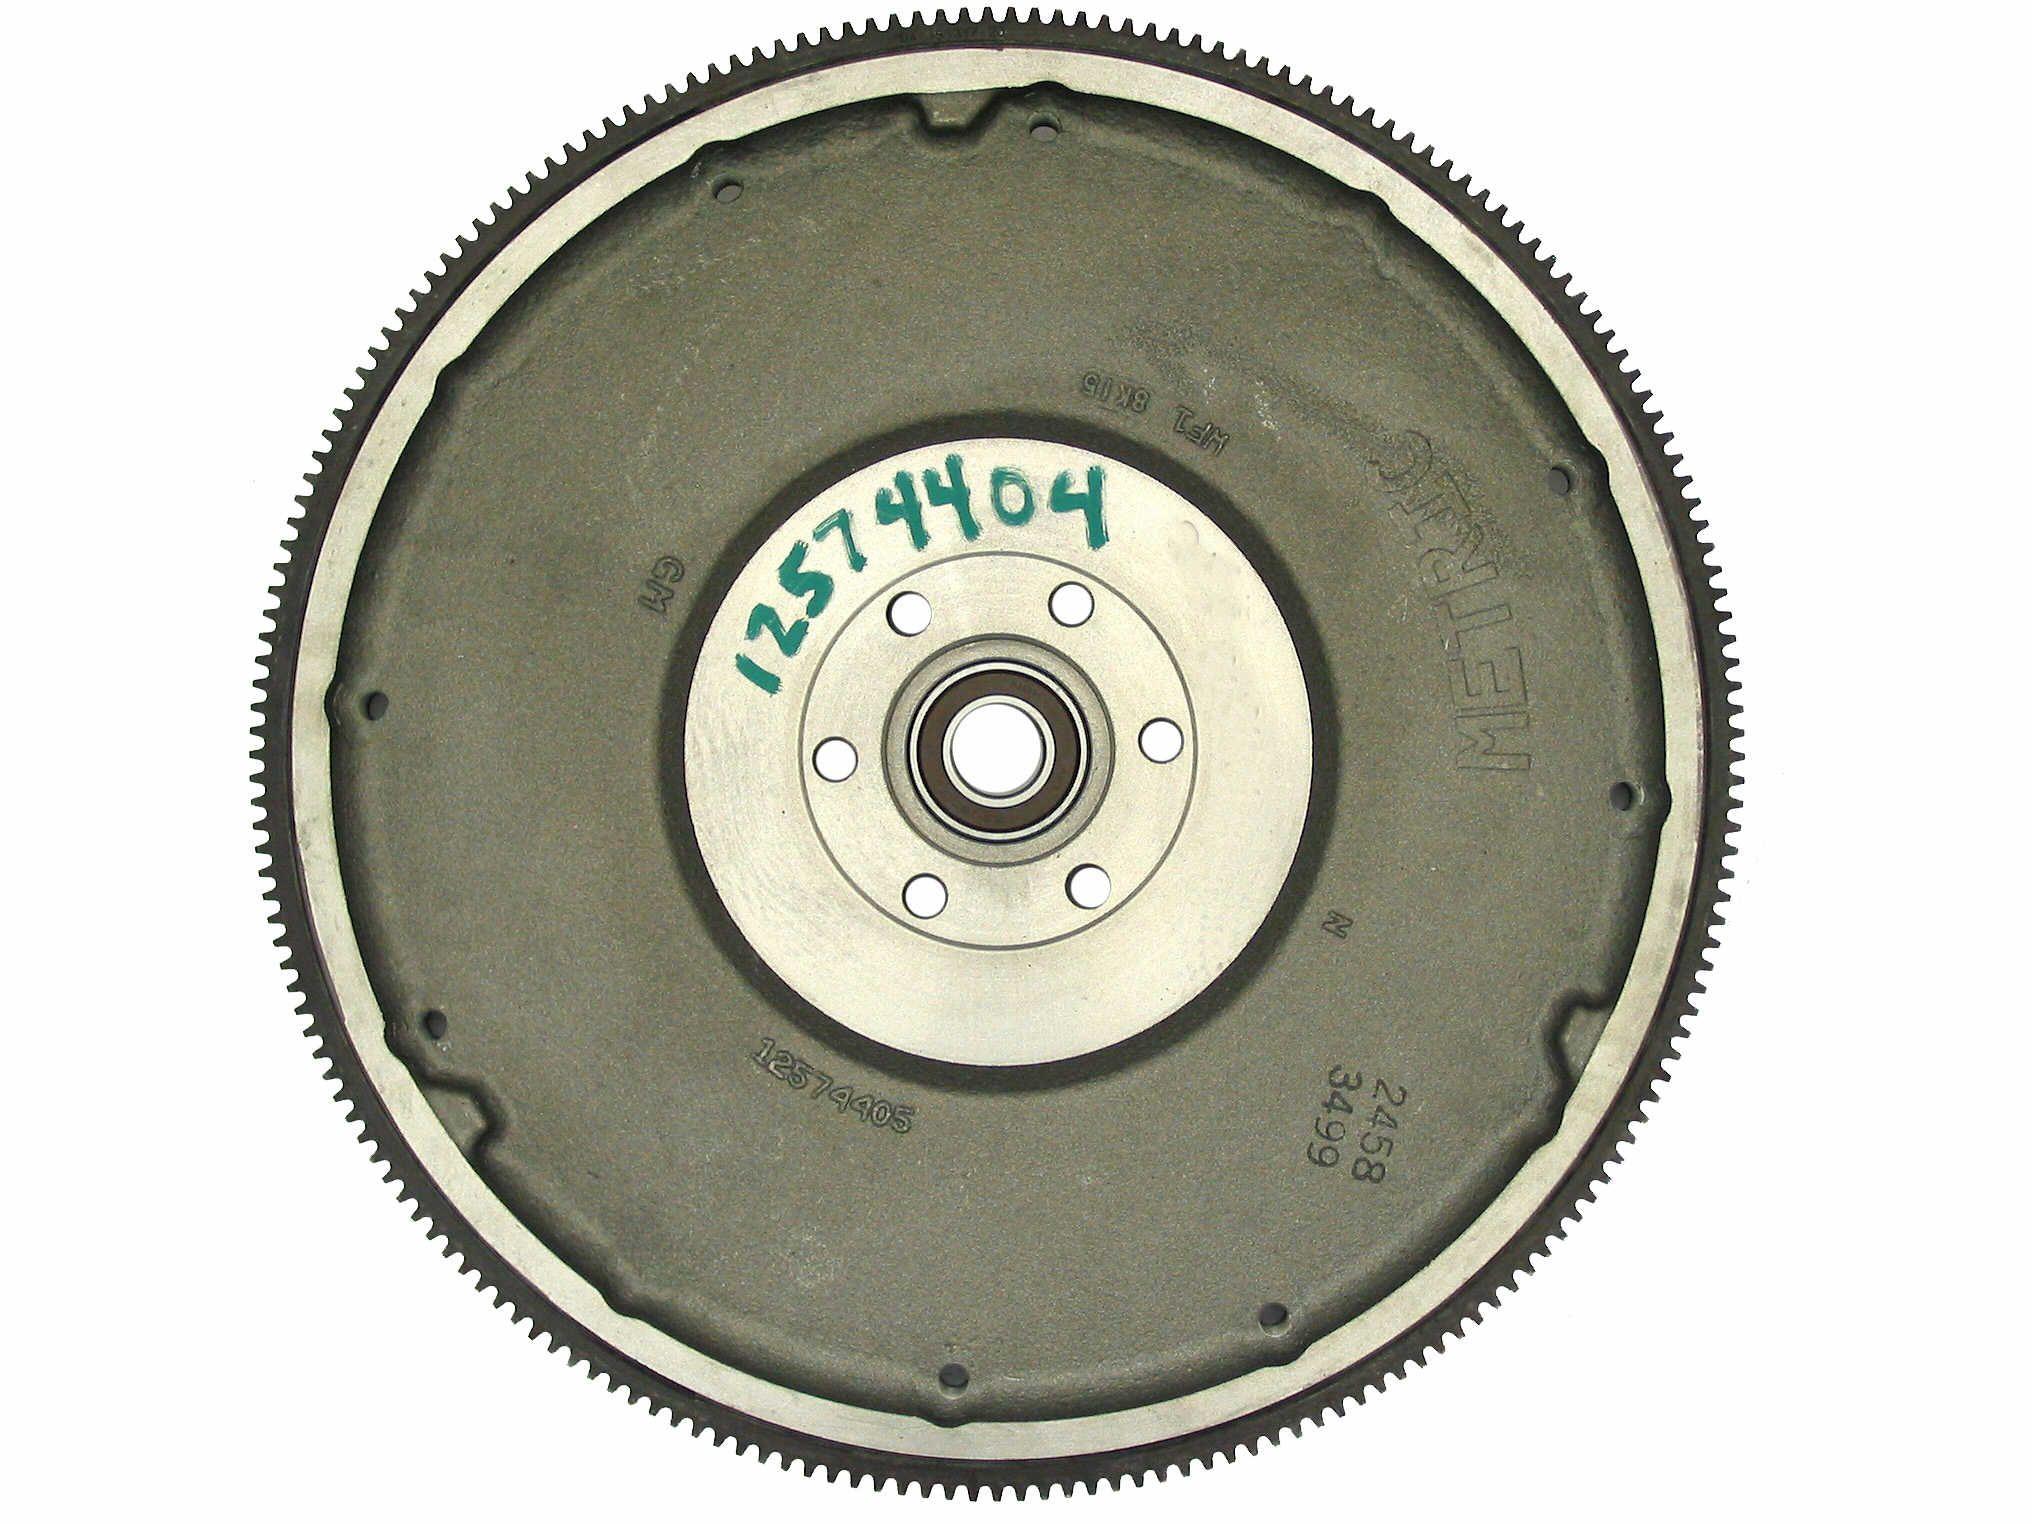 12574405 GM Medium Duty Flywheel Rear View